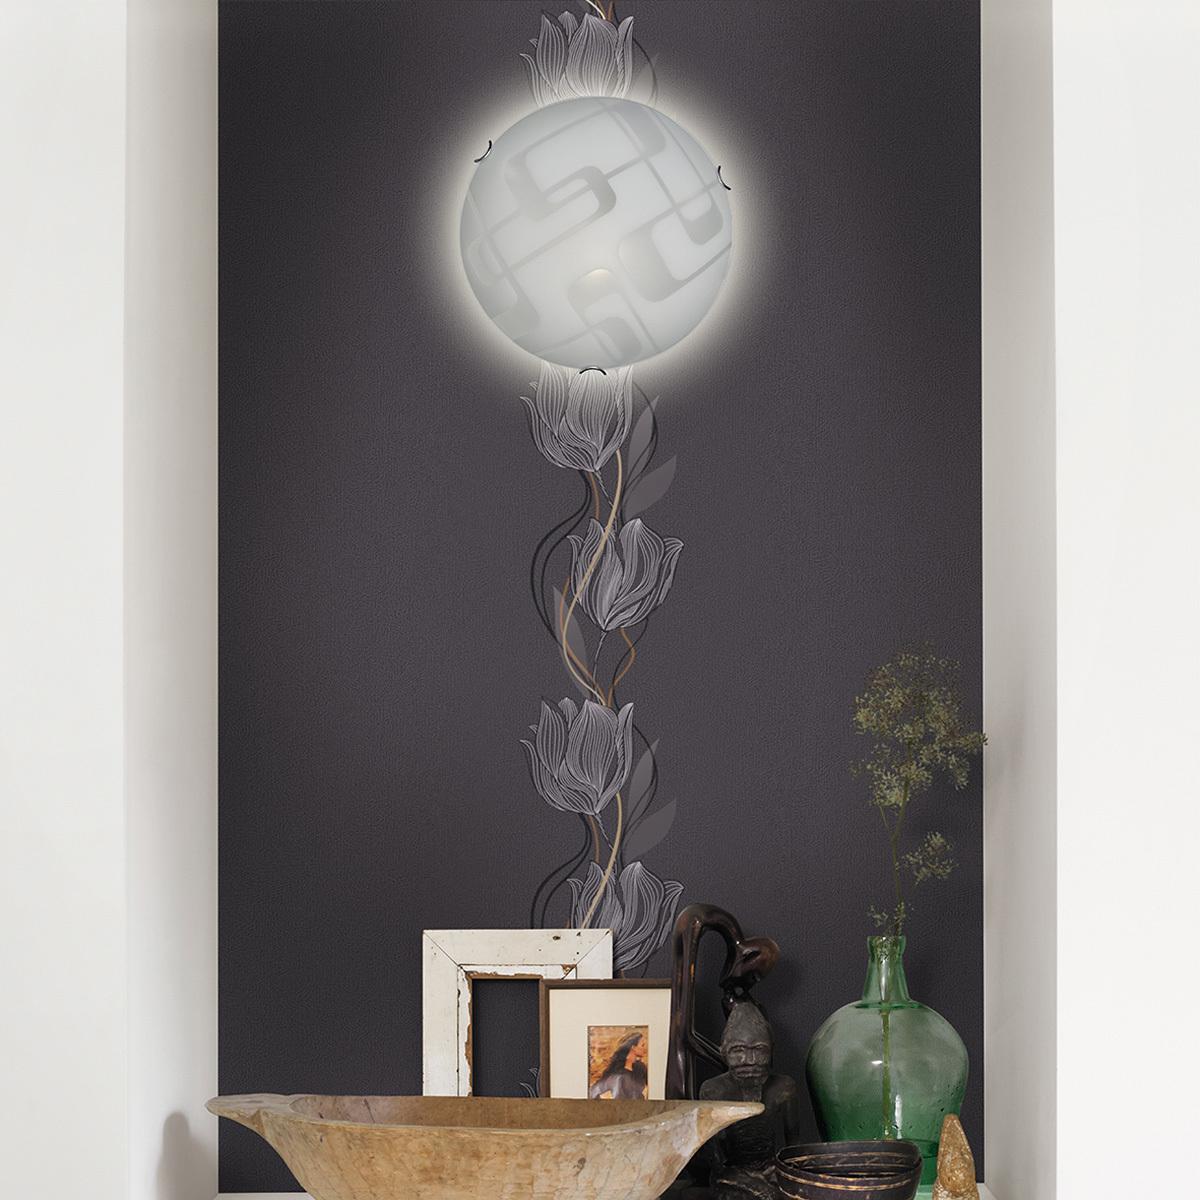 Потолочный светильник Sonex Halo 257, 2xE27x100W, хром, белый, металл, стекло - фото 7